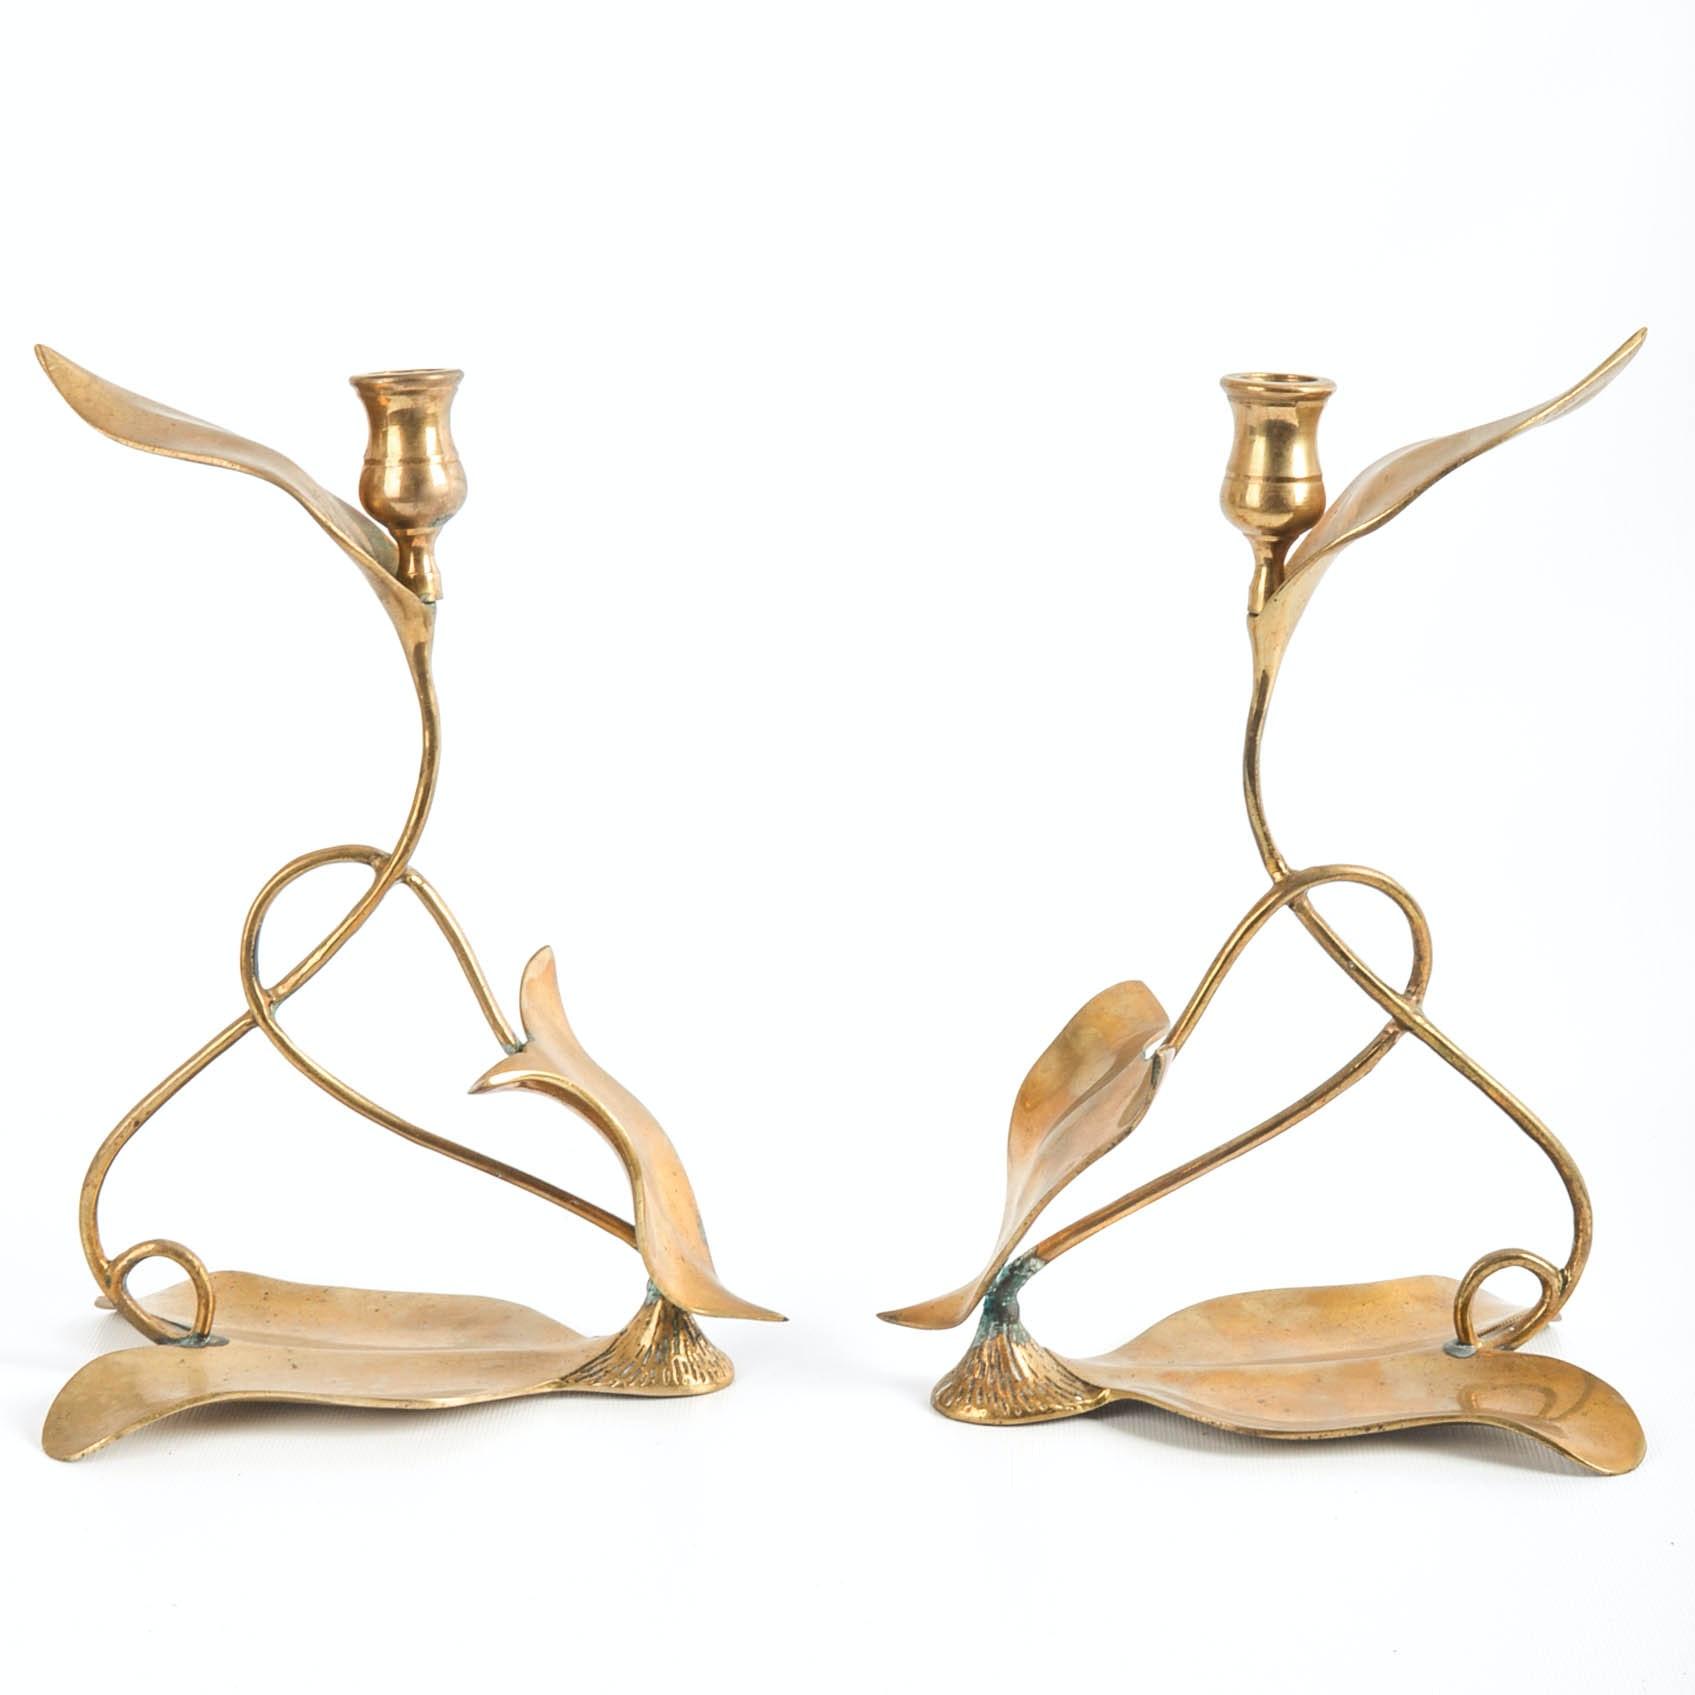 Dolbi Cashier 1980s Art Nouveau Style Brass Candlesticks